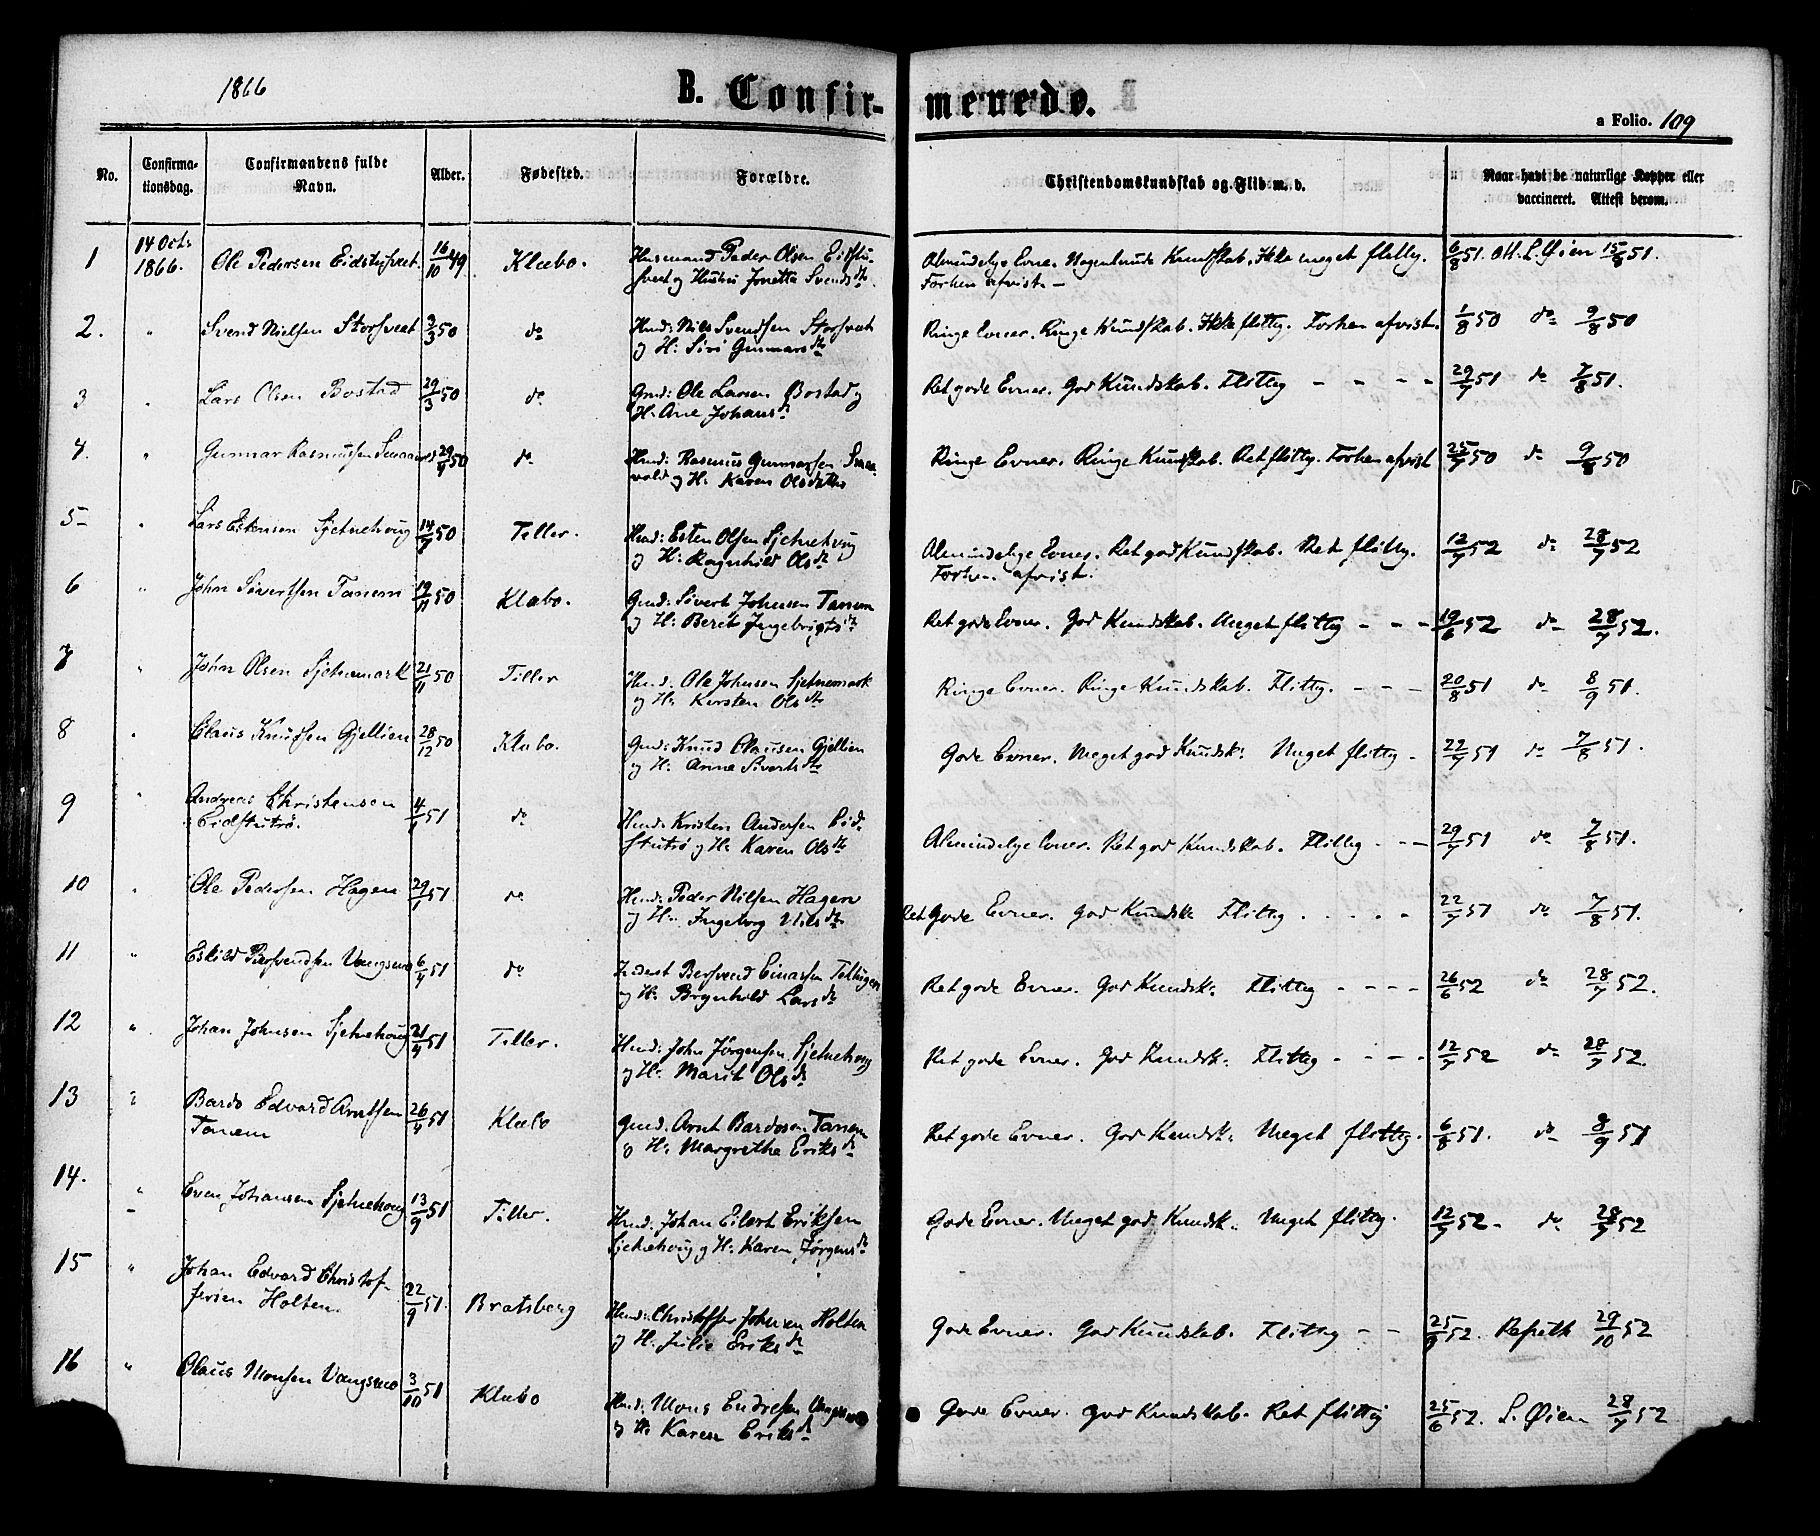 SAT, Ministerialprotokoller, klokkerbøker og fødselsregistre - Sør-Trøndelag, 618/L0442: Ministerialbok nr. 618A06 /1, 1863-1879, s. 109